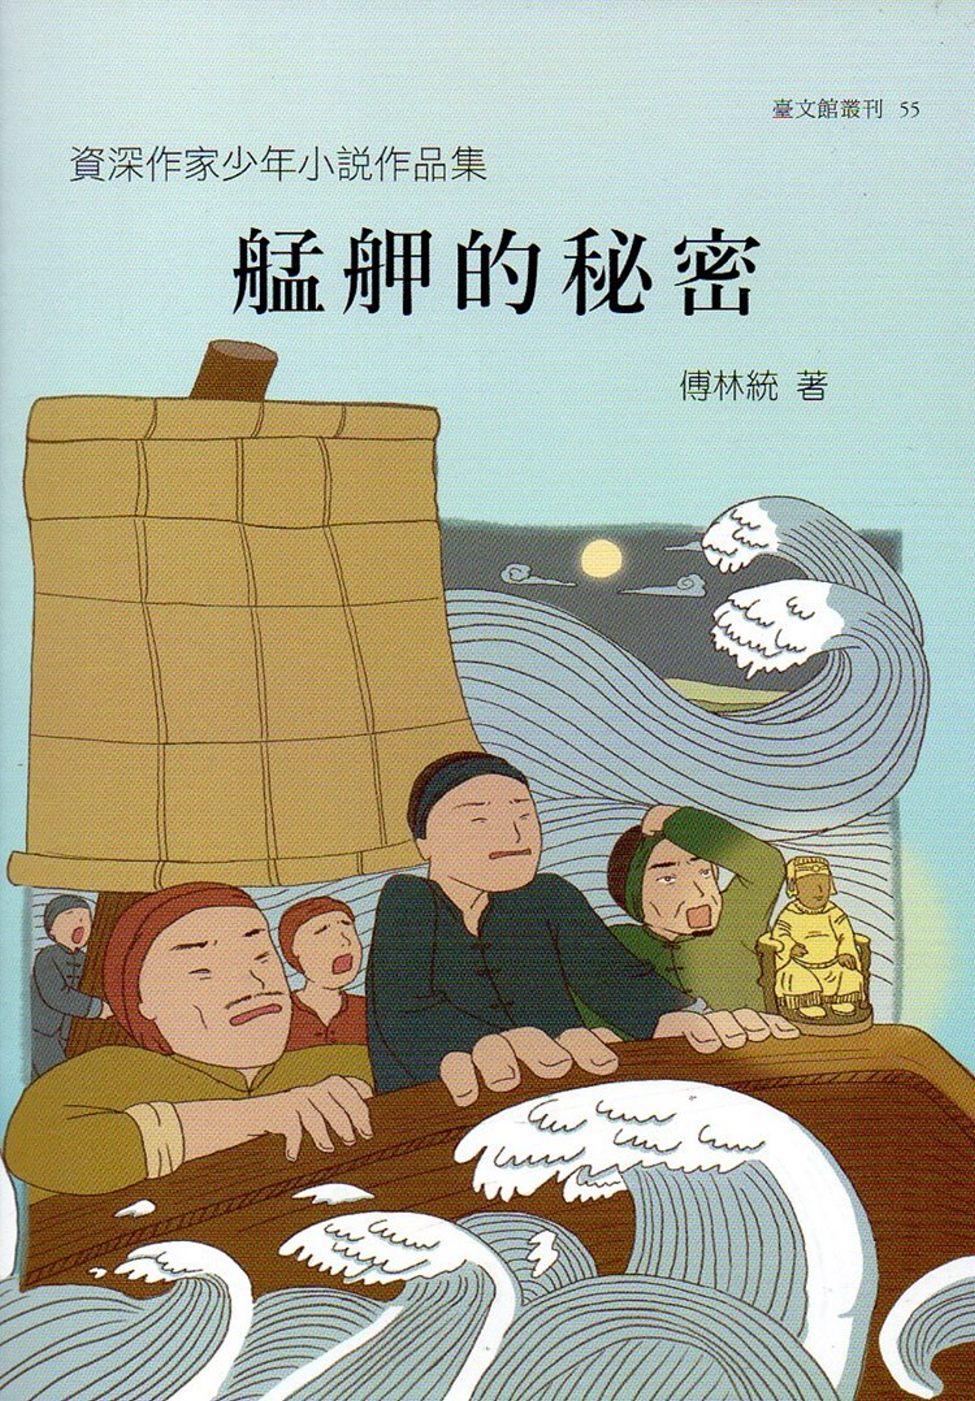 資深作家少年小說作品集 艋舺的秘密(臺文館叢刊55)